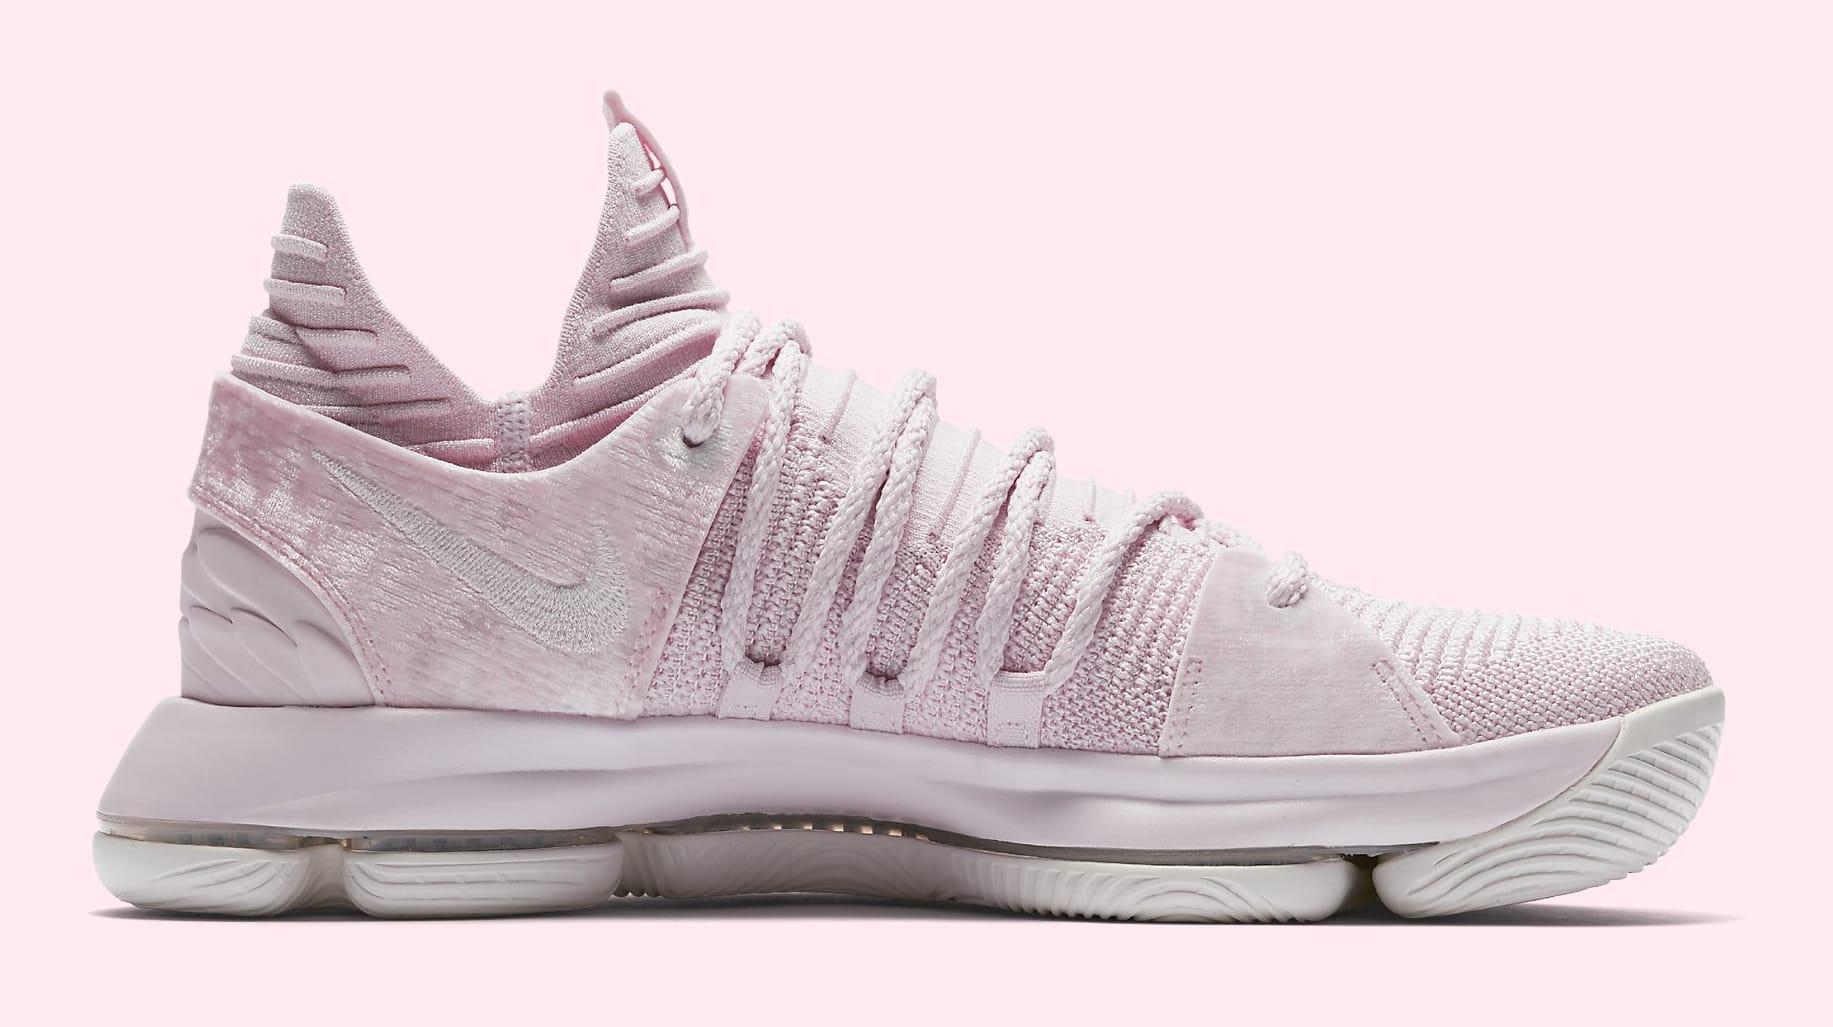 Nike KD 10 'Aunt Pearl' AQ4110-600 (Medial)